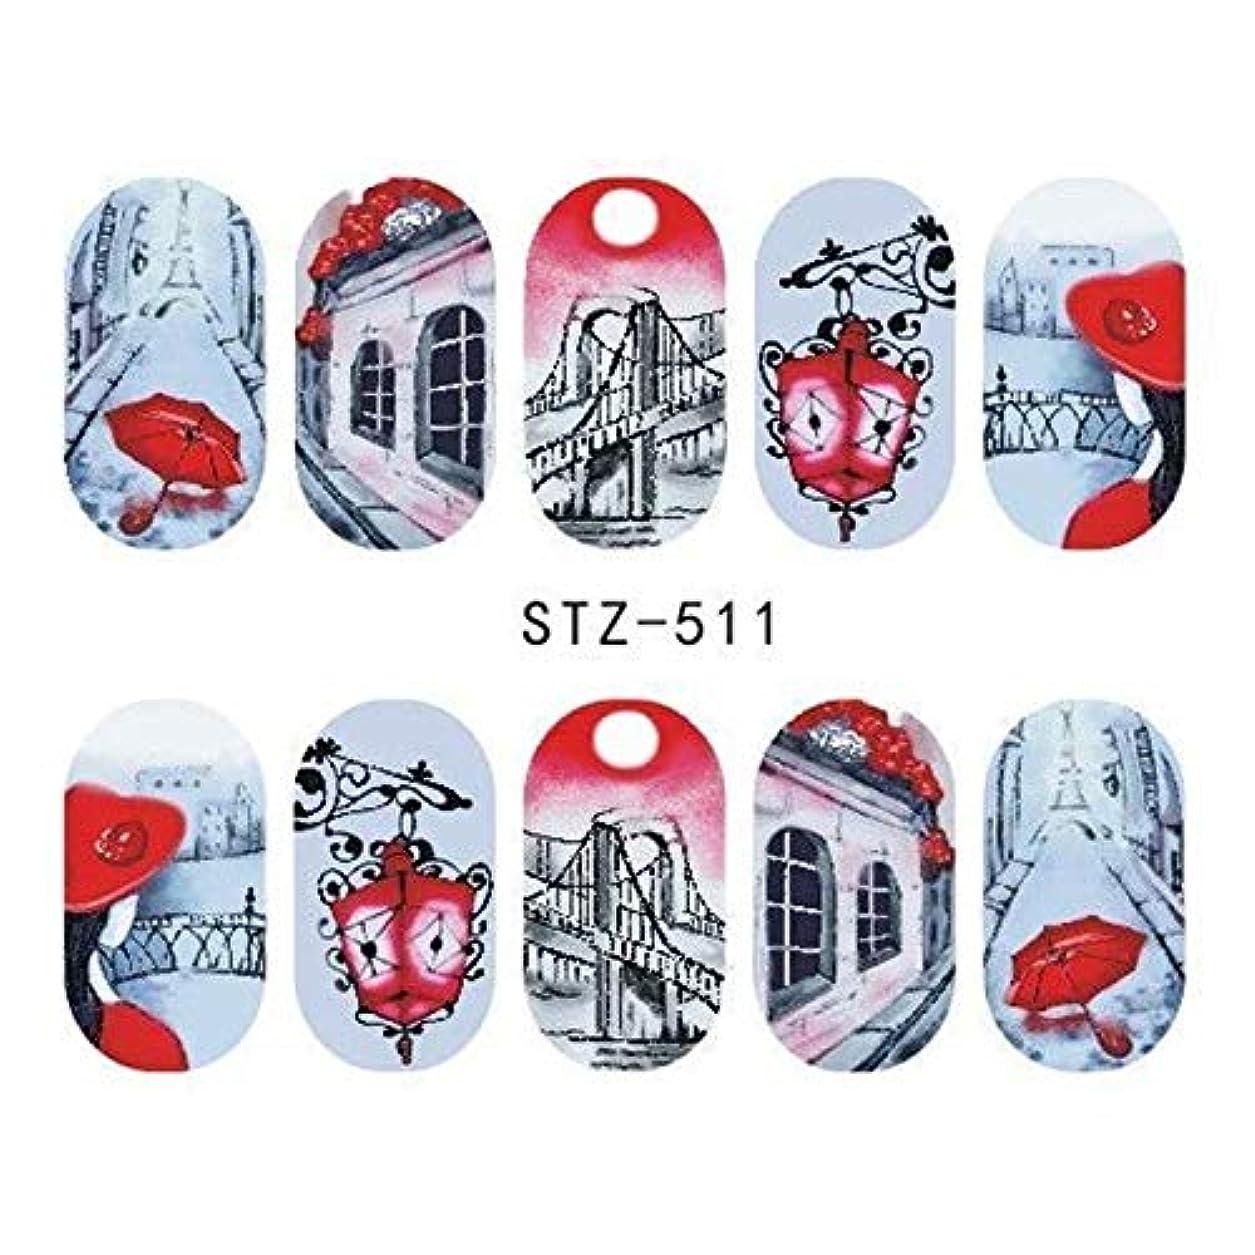 ダース鋼慎重に手足ビューティーケア 3個DIYのファッション水転写アートデカールネイルステッカー(STZ500) (色 : STZ511)